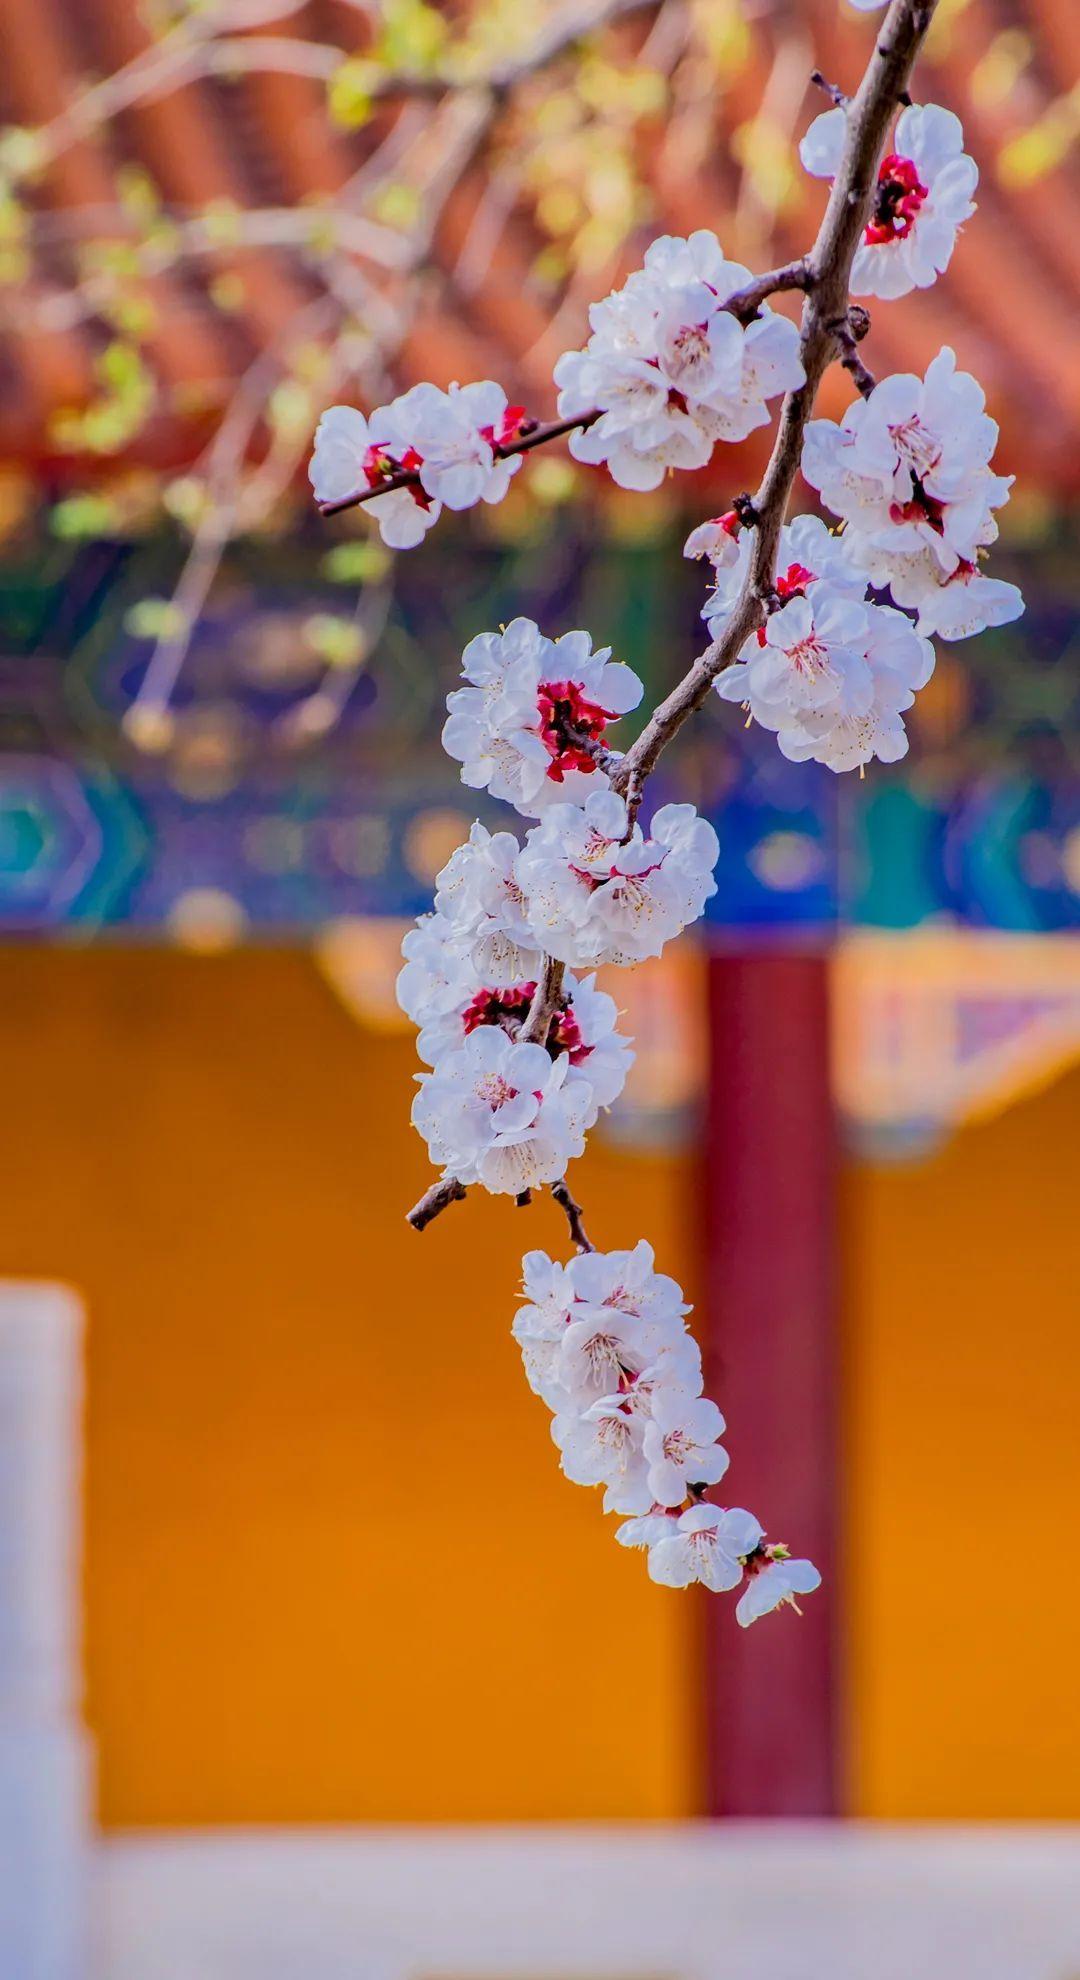 图片来源:凤凰网佛教 摄影:王文菊